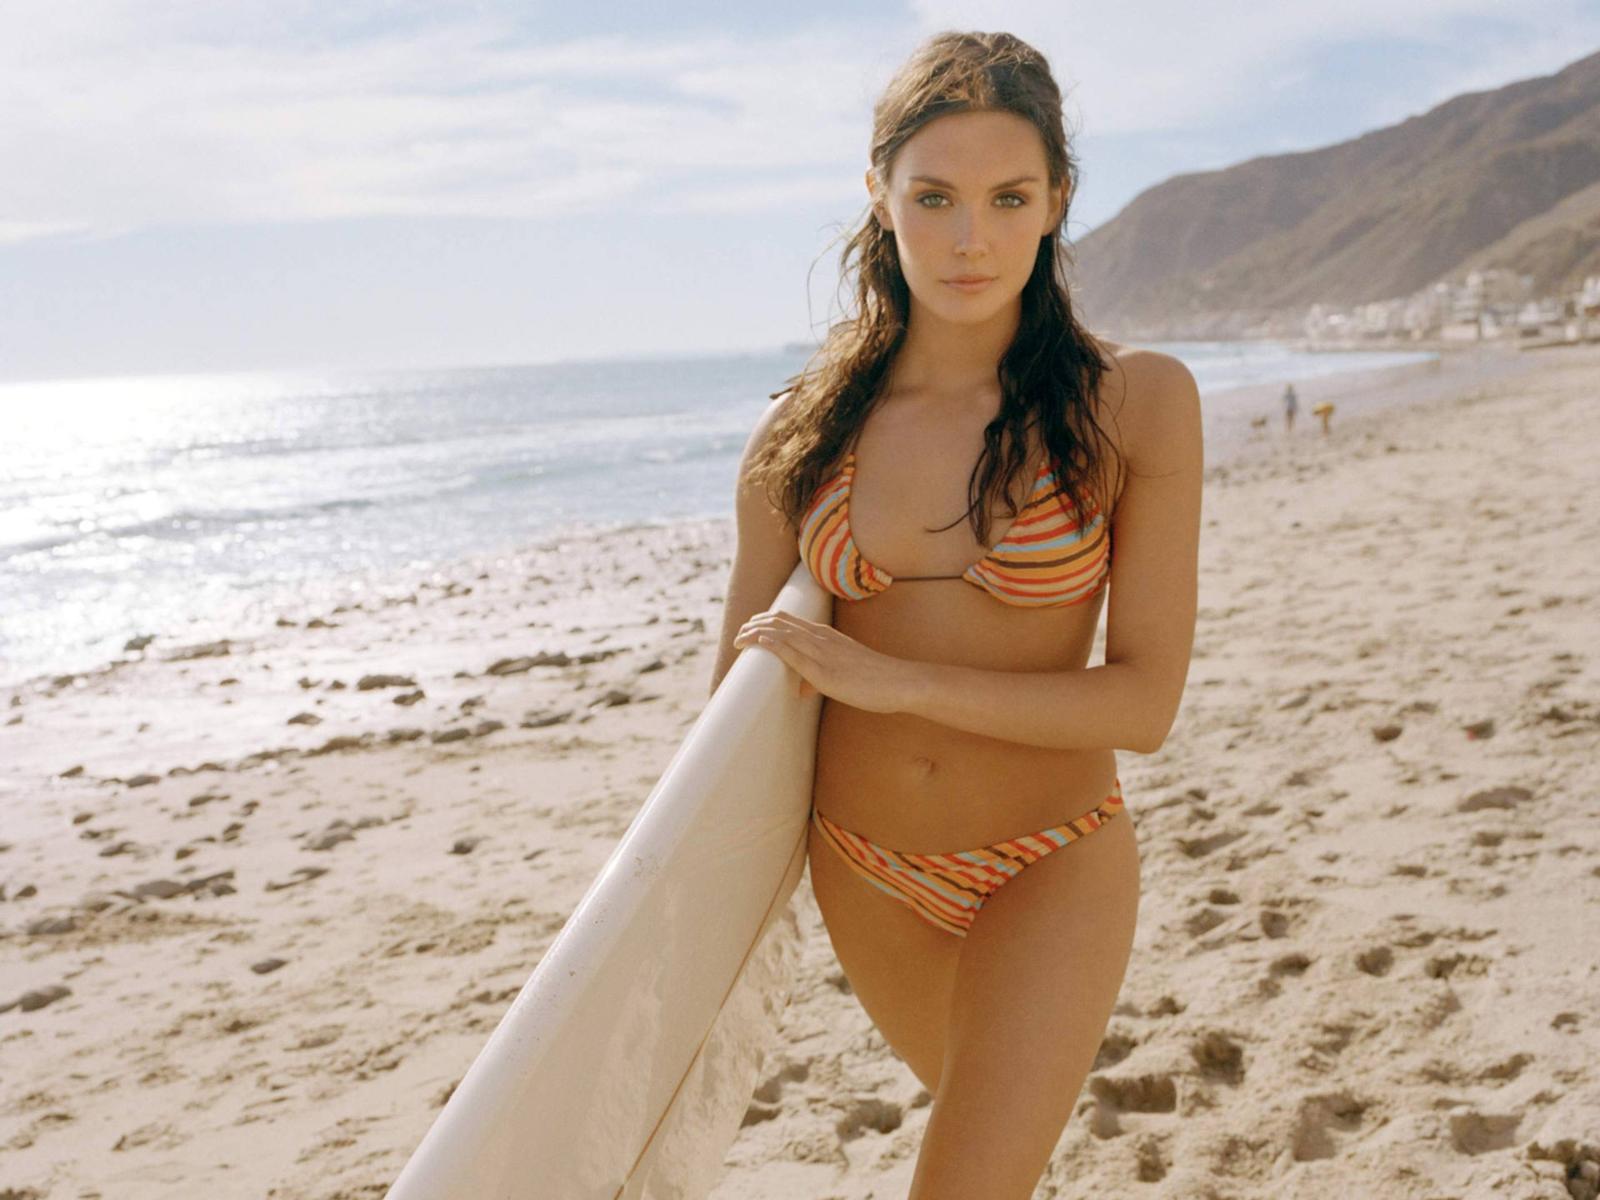 http://1.bp.blogspot.com/-3m1GNXD6LeU/USJqN6WSNqI/AAAAAAAAzVc/xI0ScVyL55o/s1600/taylor_cole_sexy_bikini_desktop_wallpaper_42399_raj.jpg